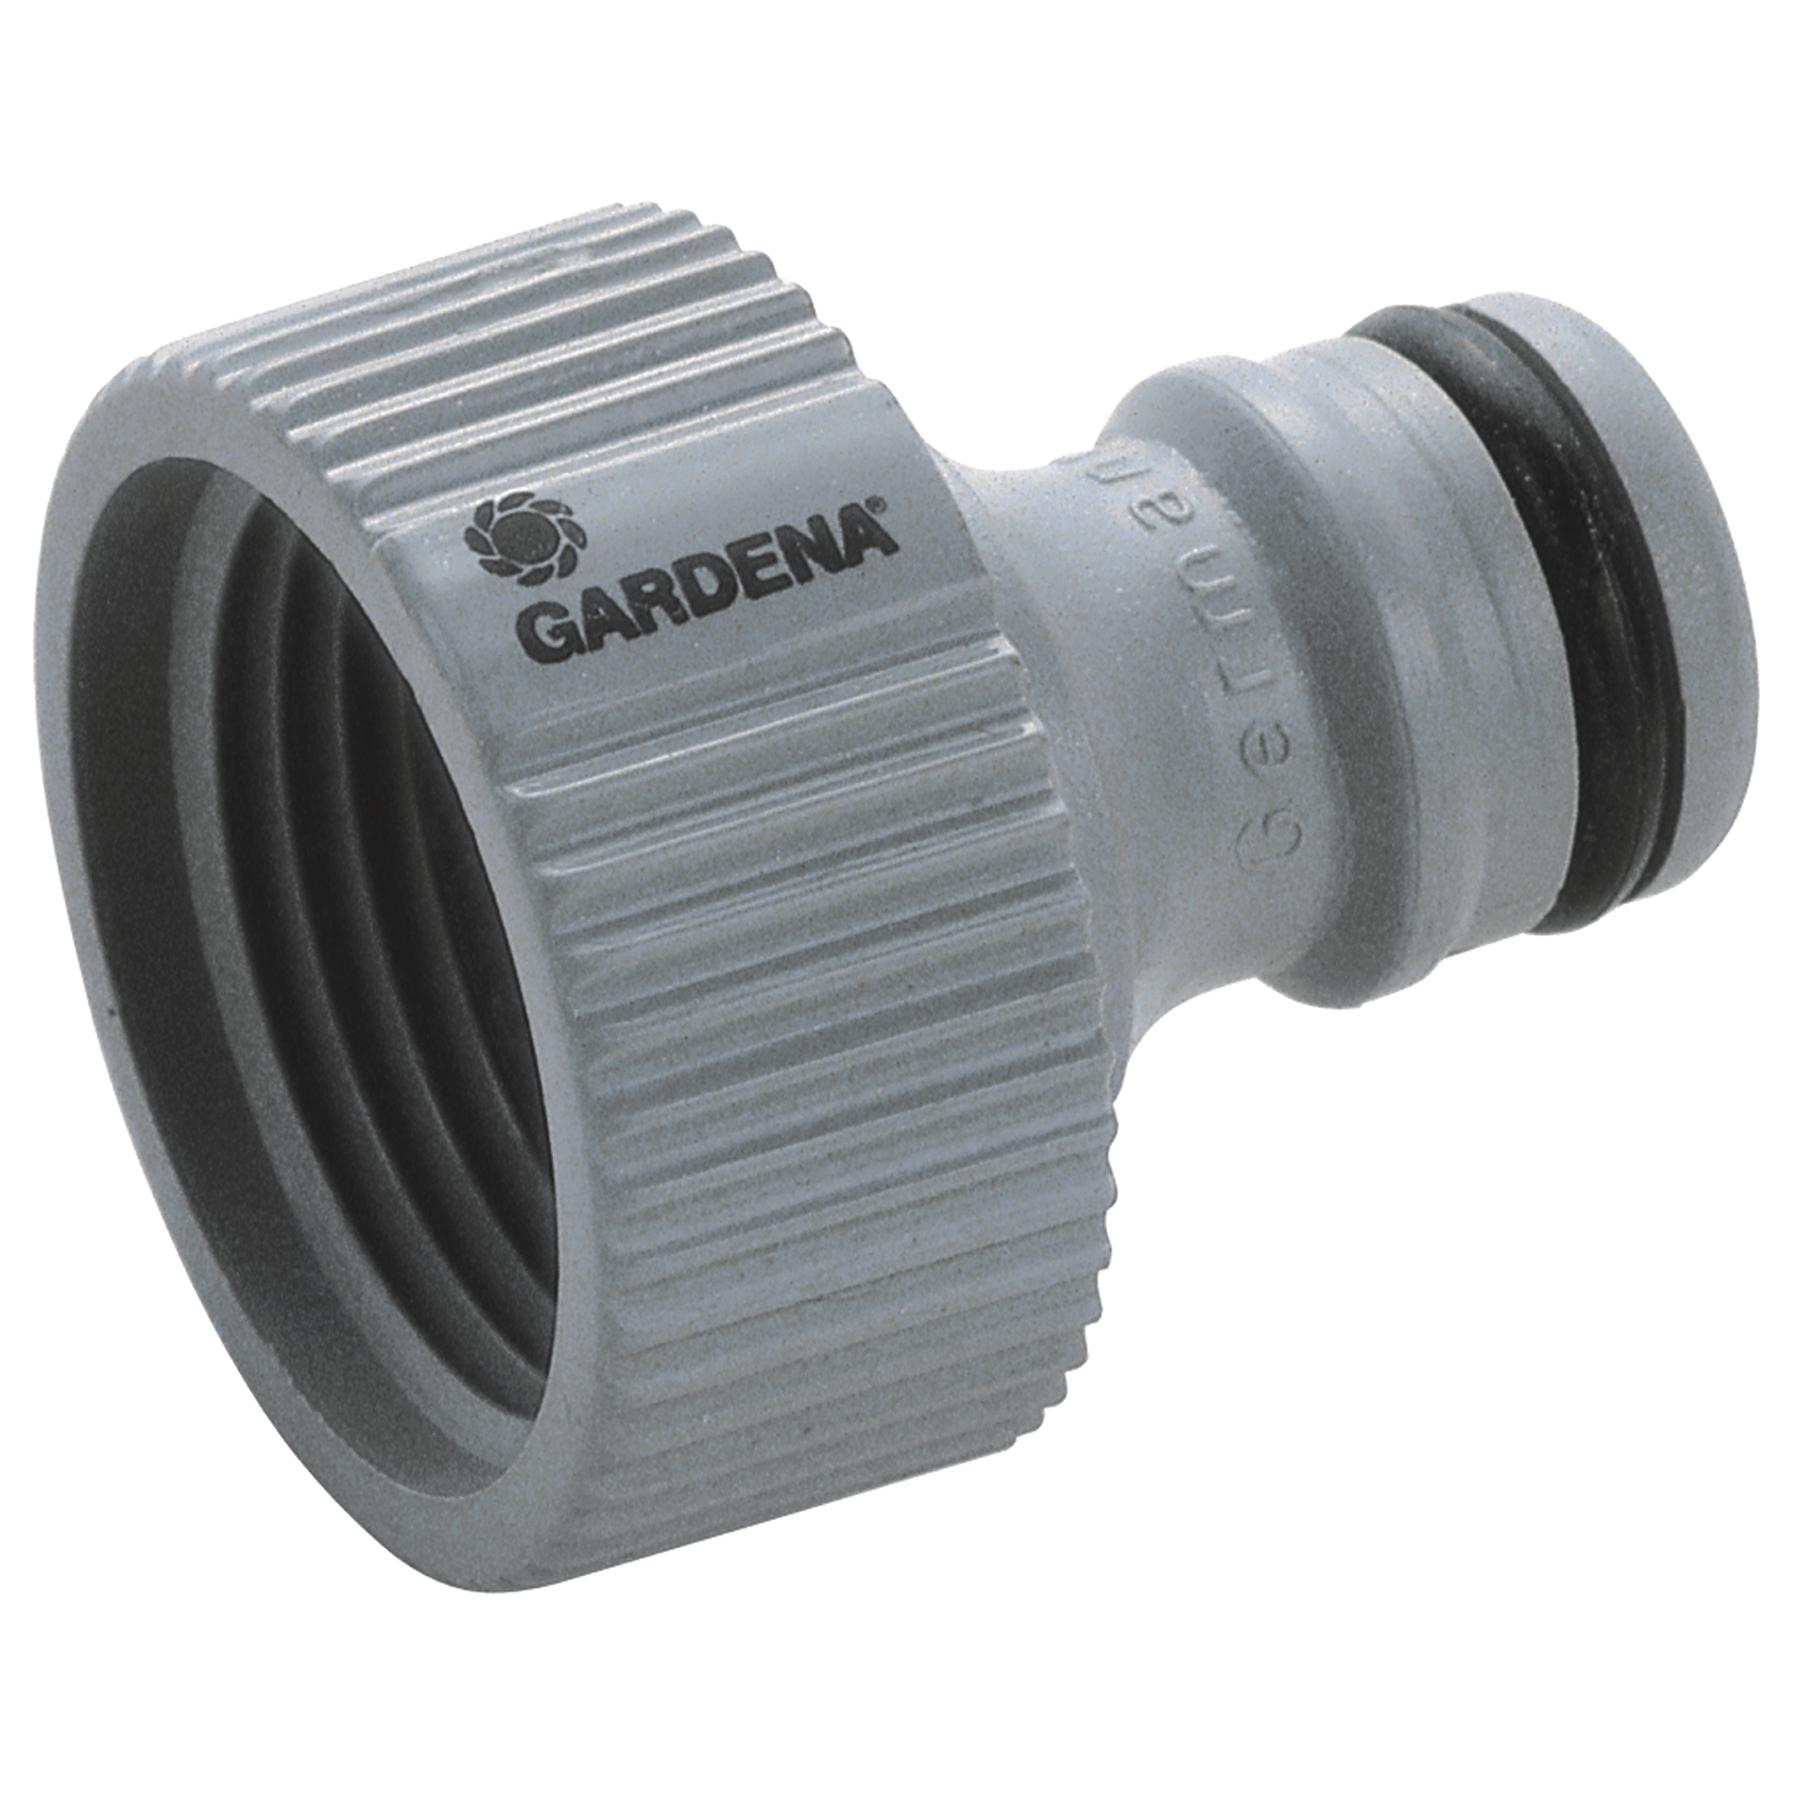 Gardena Threaded Tap Connector